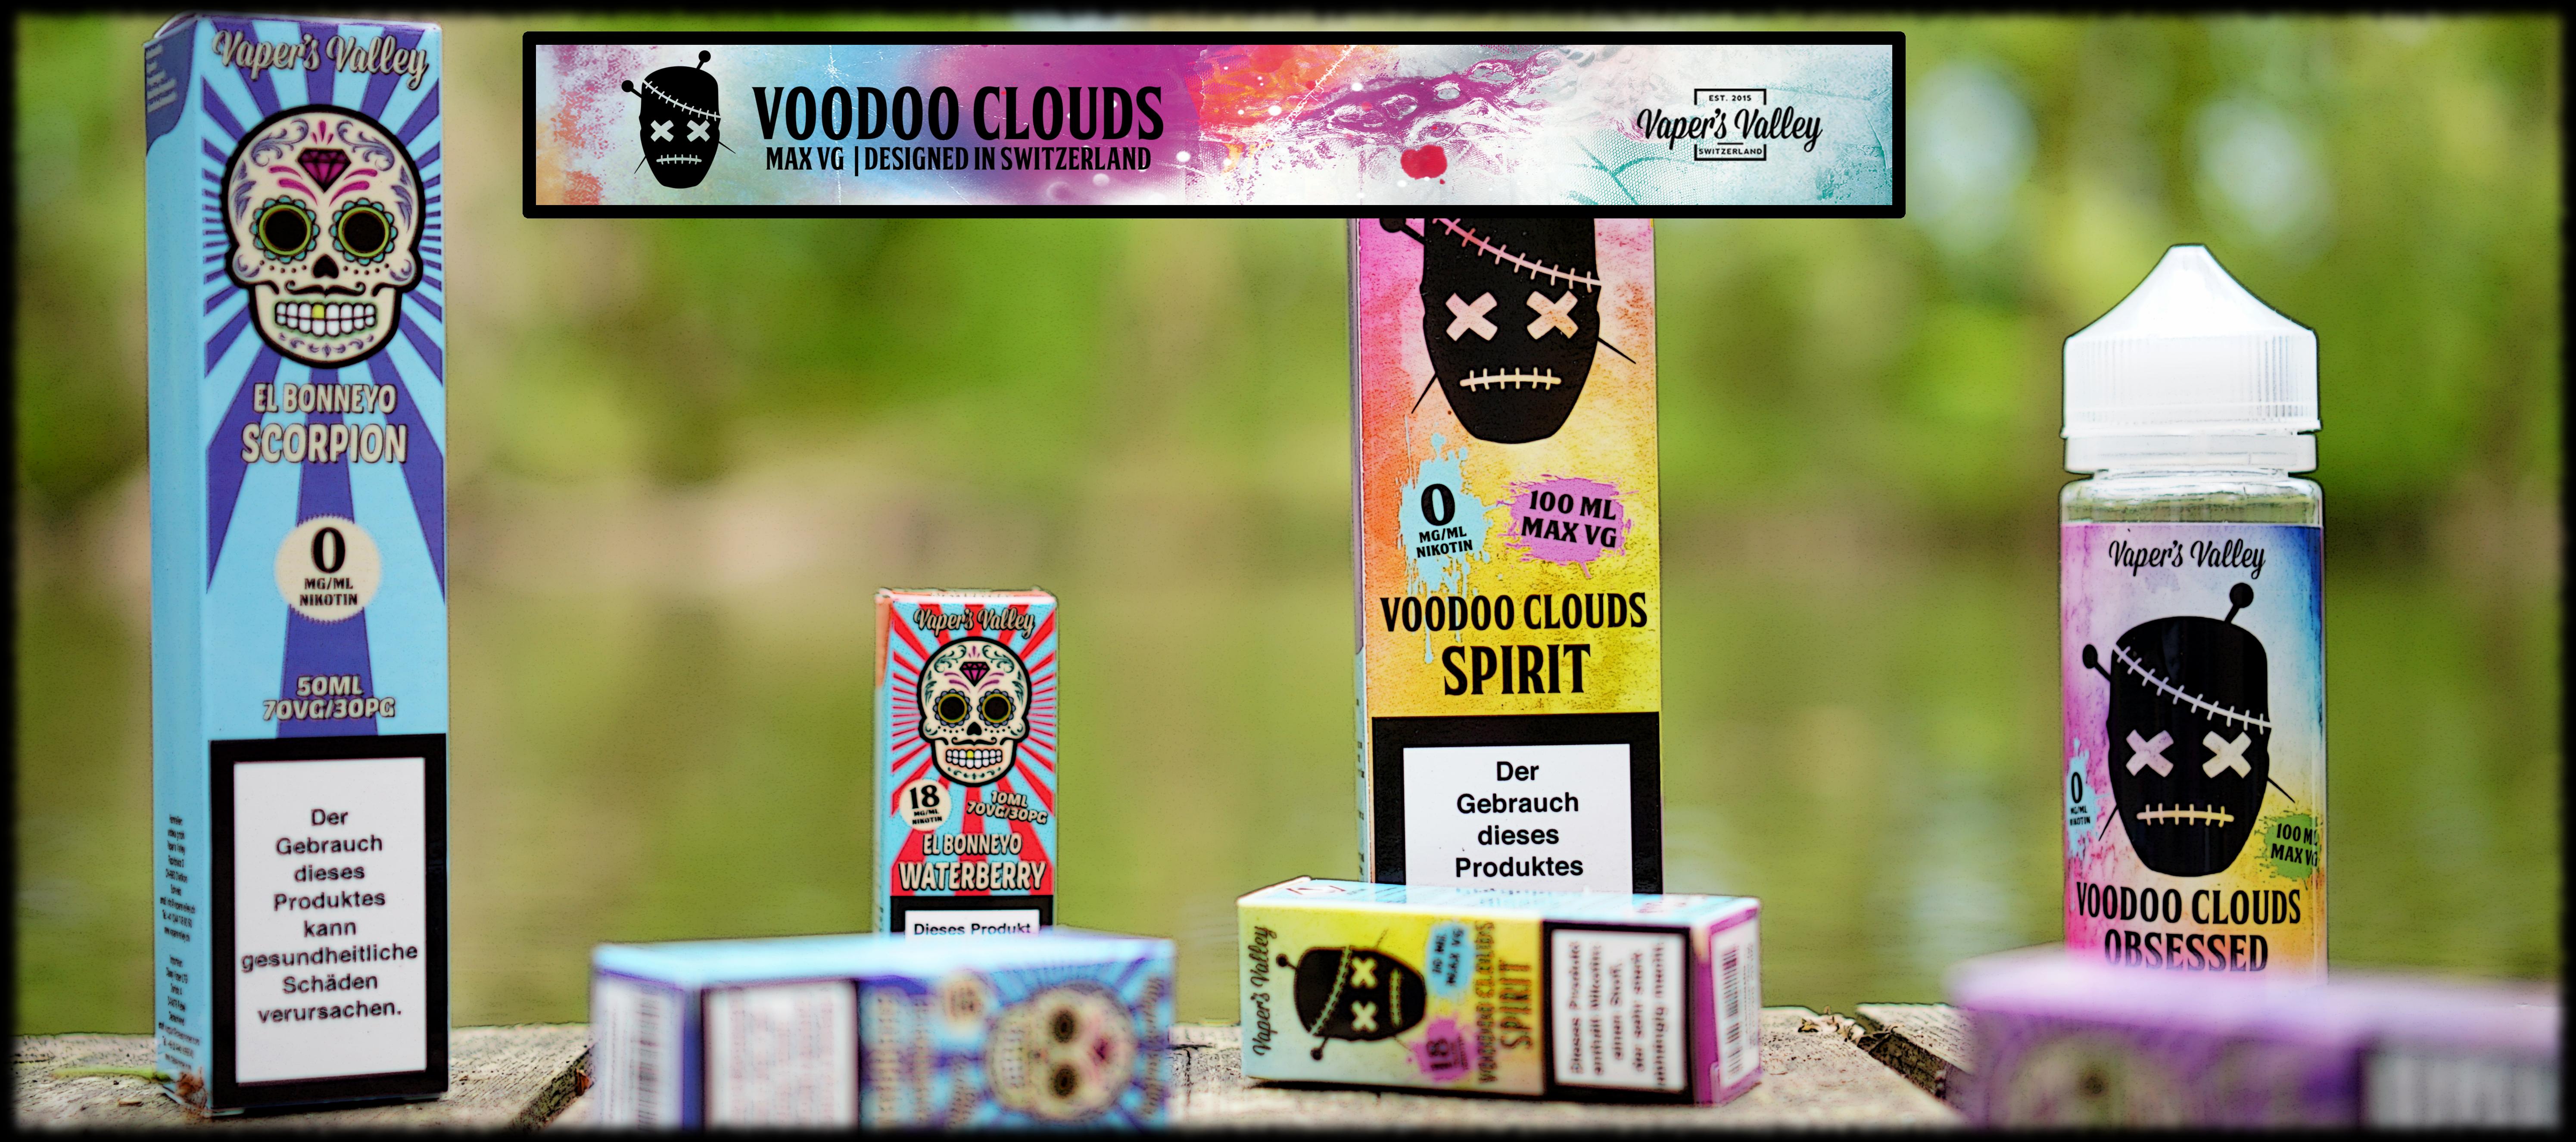 vodoo-banner591469af85ad8